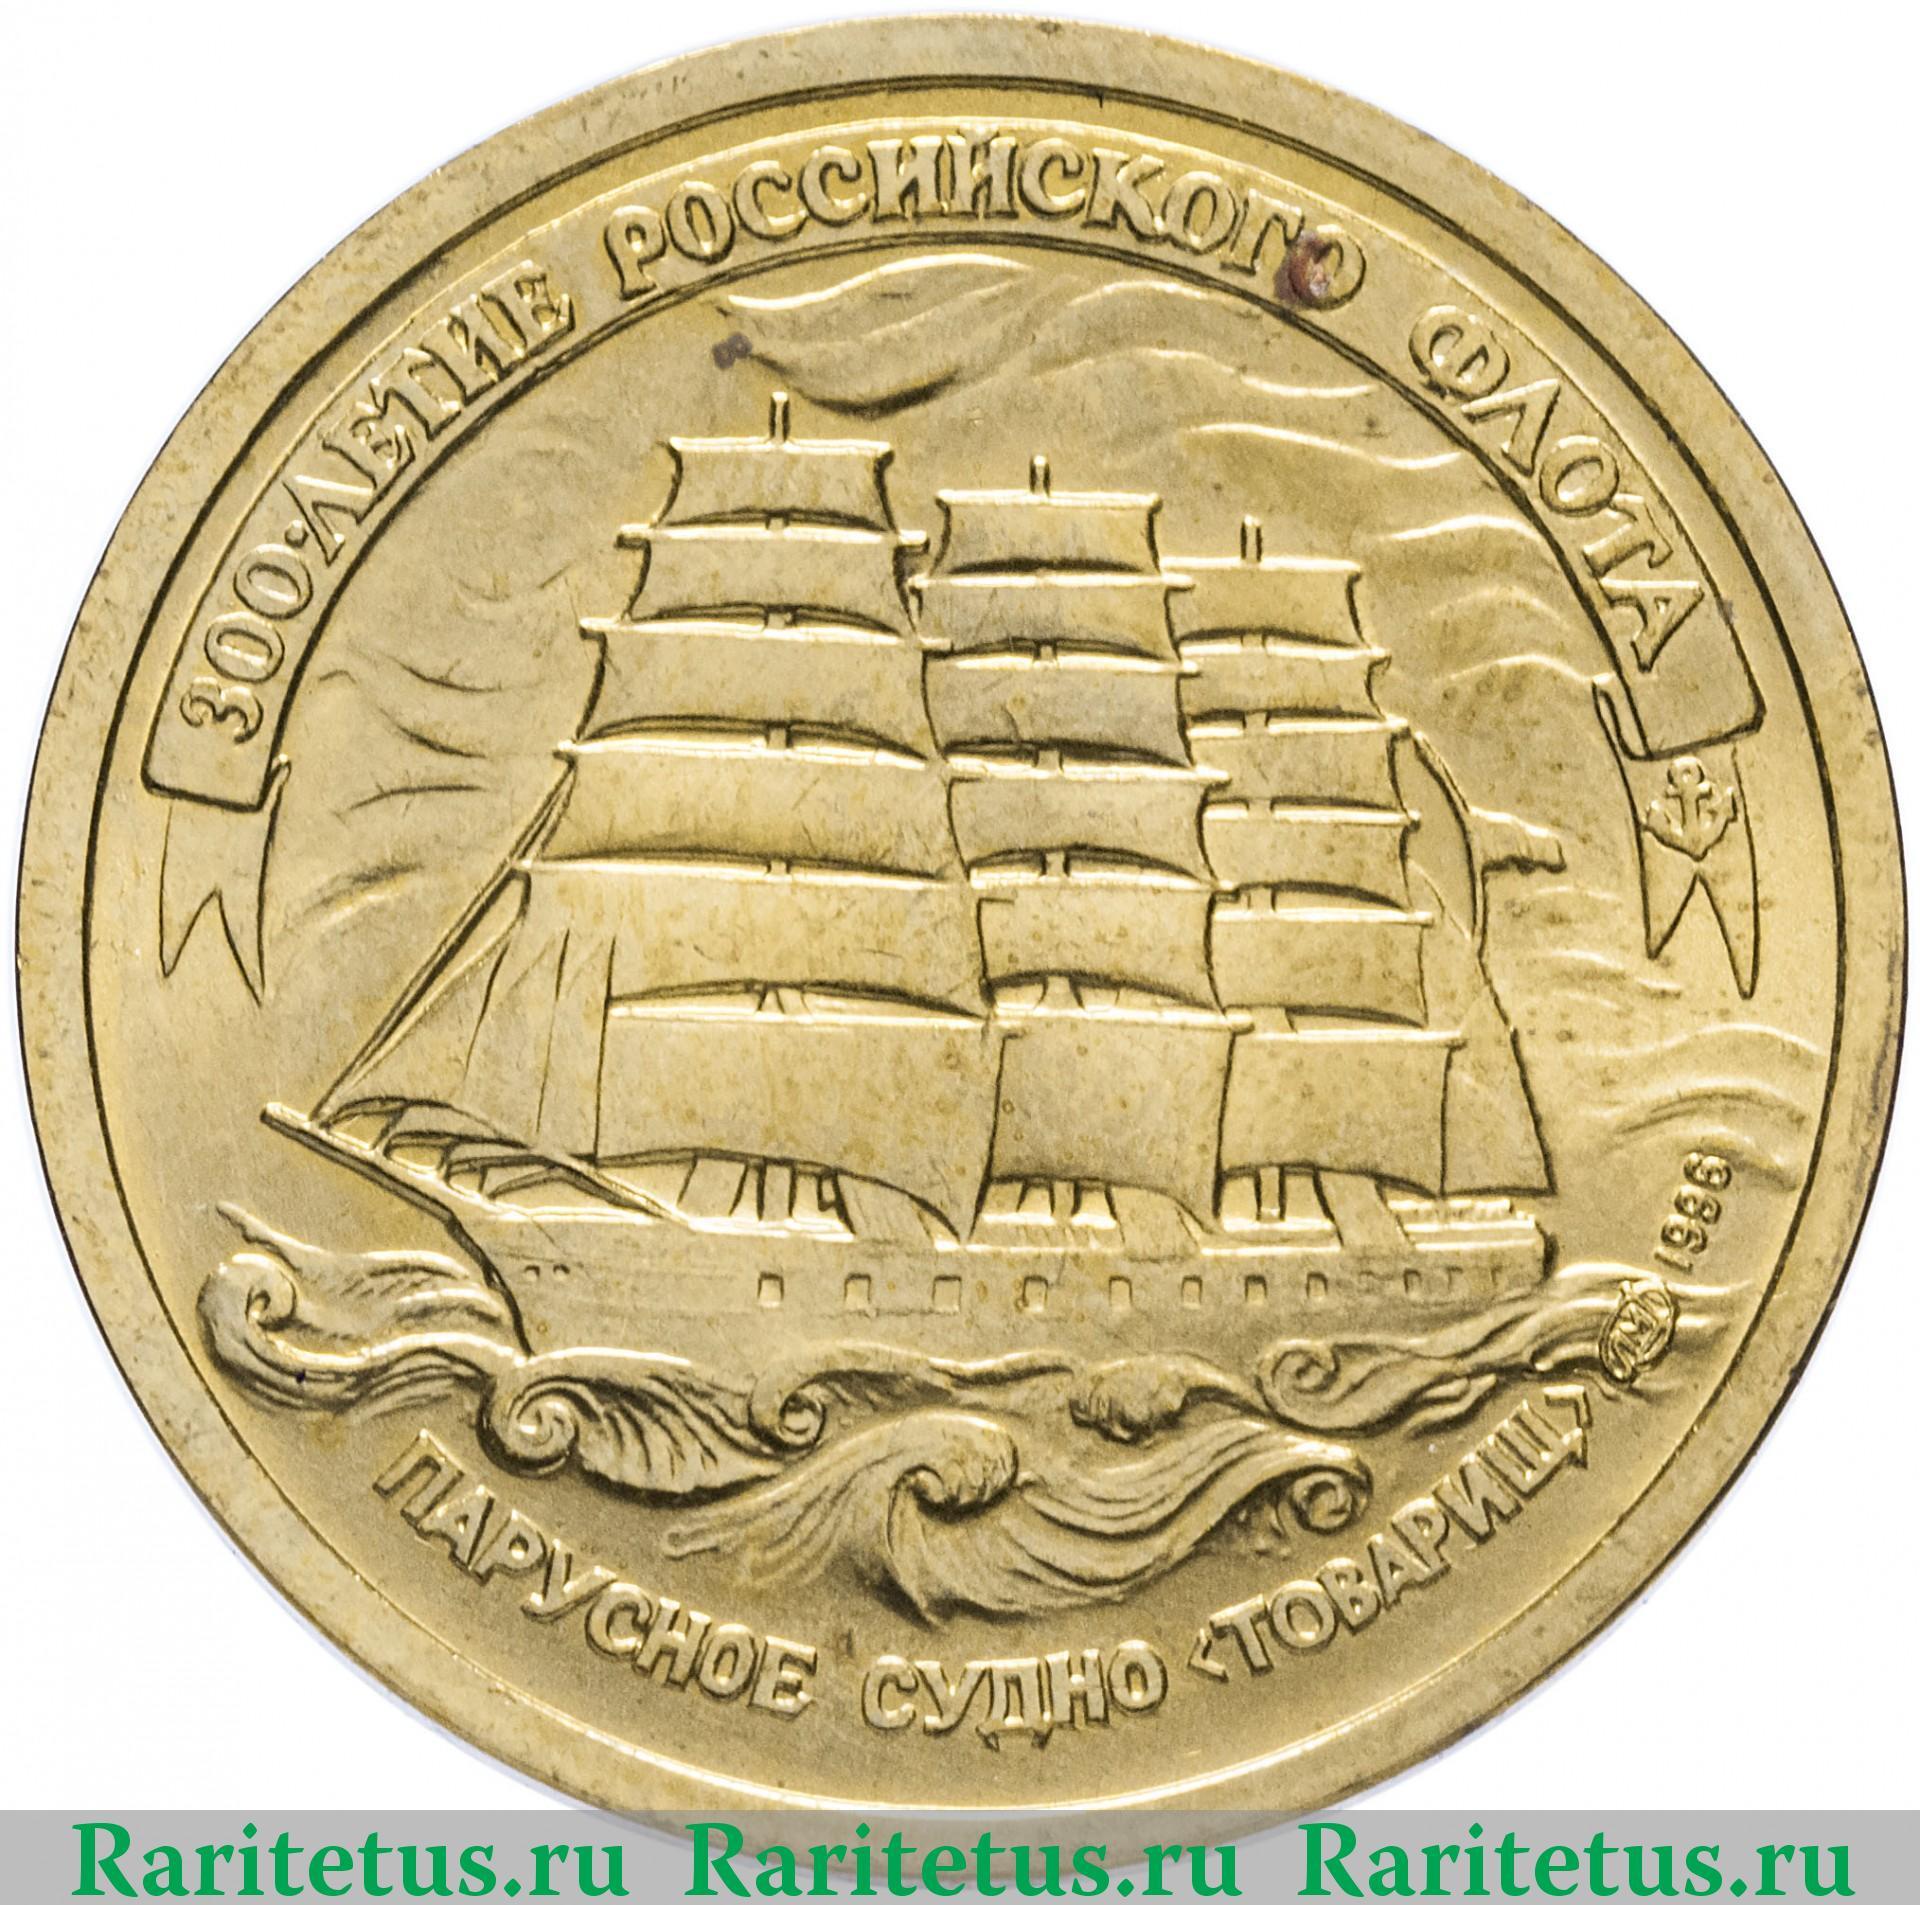 Цены 1996 года в россии монета 1852 года стоимость